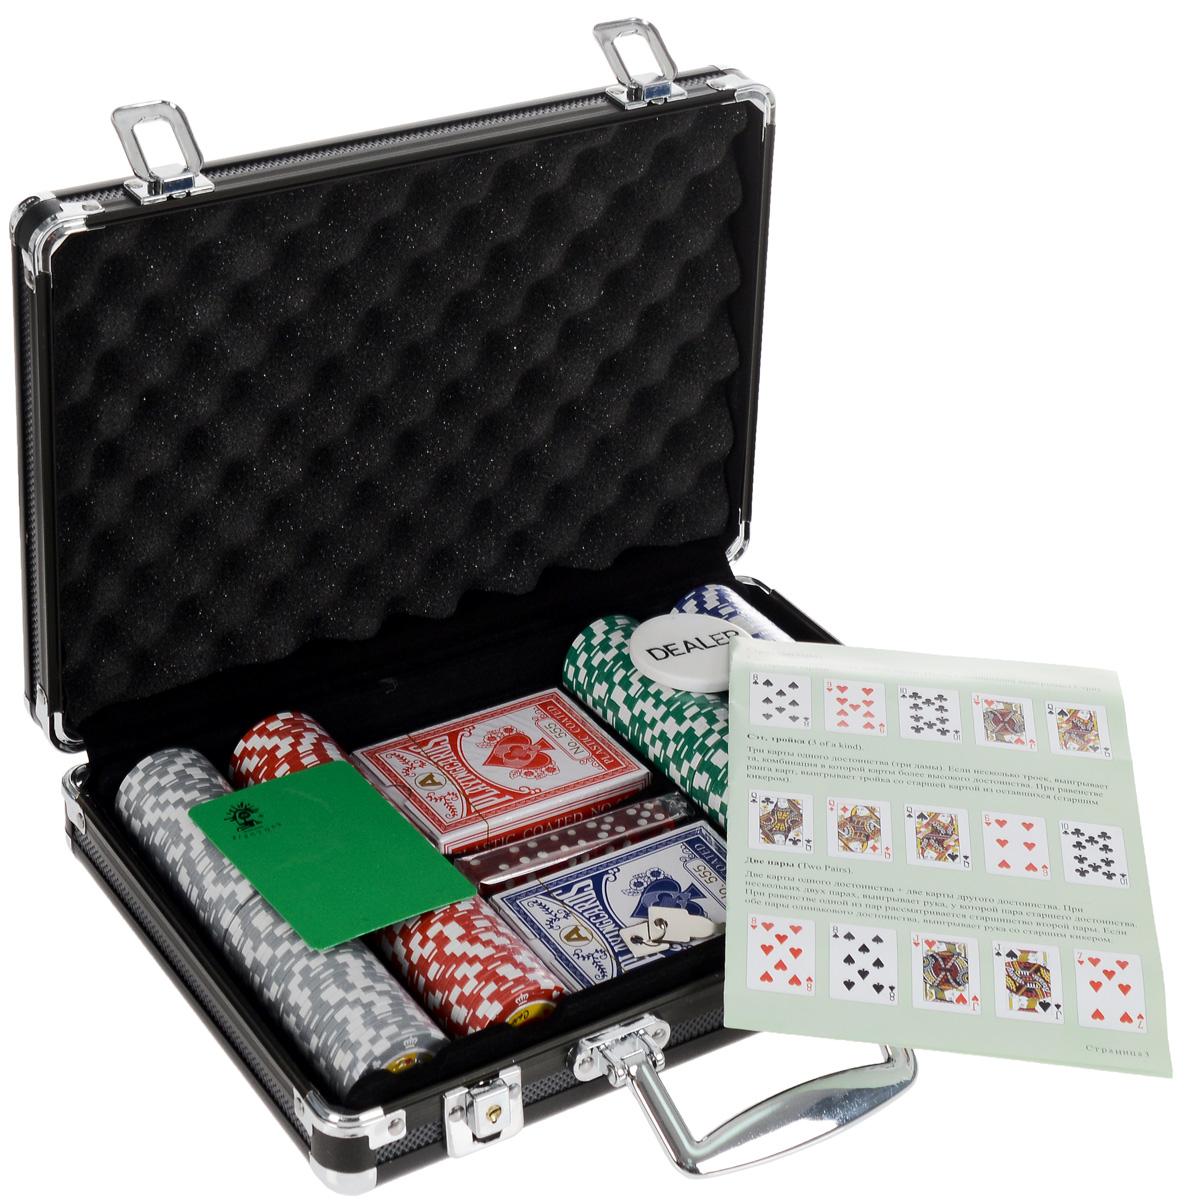 Набор для покера Crown 200. УТ-00000440УТ-00000440Набор для игры в покер - то, что нужно для отличного проведения досуга. Набор состоит из двух колод игральных карт, 200 игровых пластиковых фишек c номиналами, фишки Dealer, подрезной карты, кубиков и инструкции. Набор фишек состоит из 50 фишек белого цвета номиналом 1, 50 фишек красного цвета номиналом 5, 50 фишек зеленого цвета номиналом 10, 25 фишек синего цвета номиналом 50 и 25 фишек черного цвета номиналом 100. Предметы набора хранятся в черном металлическом кейсе, который закрывается на ключик. Для удобства переноски на кейсе имеется ручка. Такой набор станет отличным подарком для любителей покера. Покер (англ. poker) - карточная игра, цель которой - выиграть ставки, собрав как можно более высокую покерную комбинацию, используя 5 карт, или вынудив всех соперников прекратить участвовать в игре. Игра идет с полностью или частично закрытыми картами. Покер как карточная игра существует более 500 лет. Зародился он в Европе: в Испании, Франции, Италии....